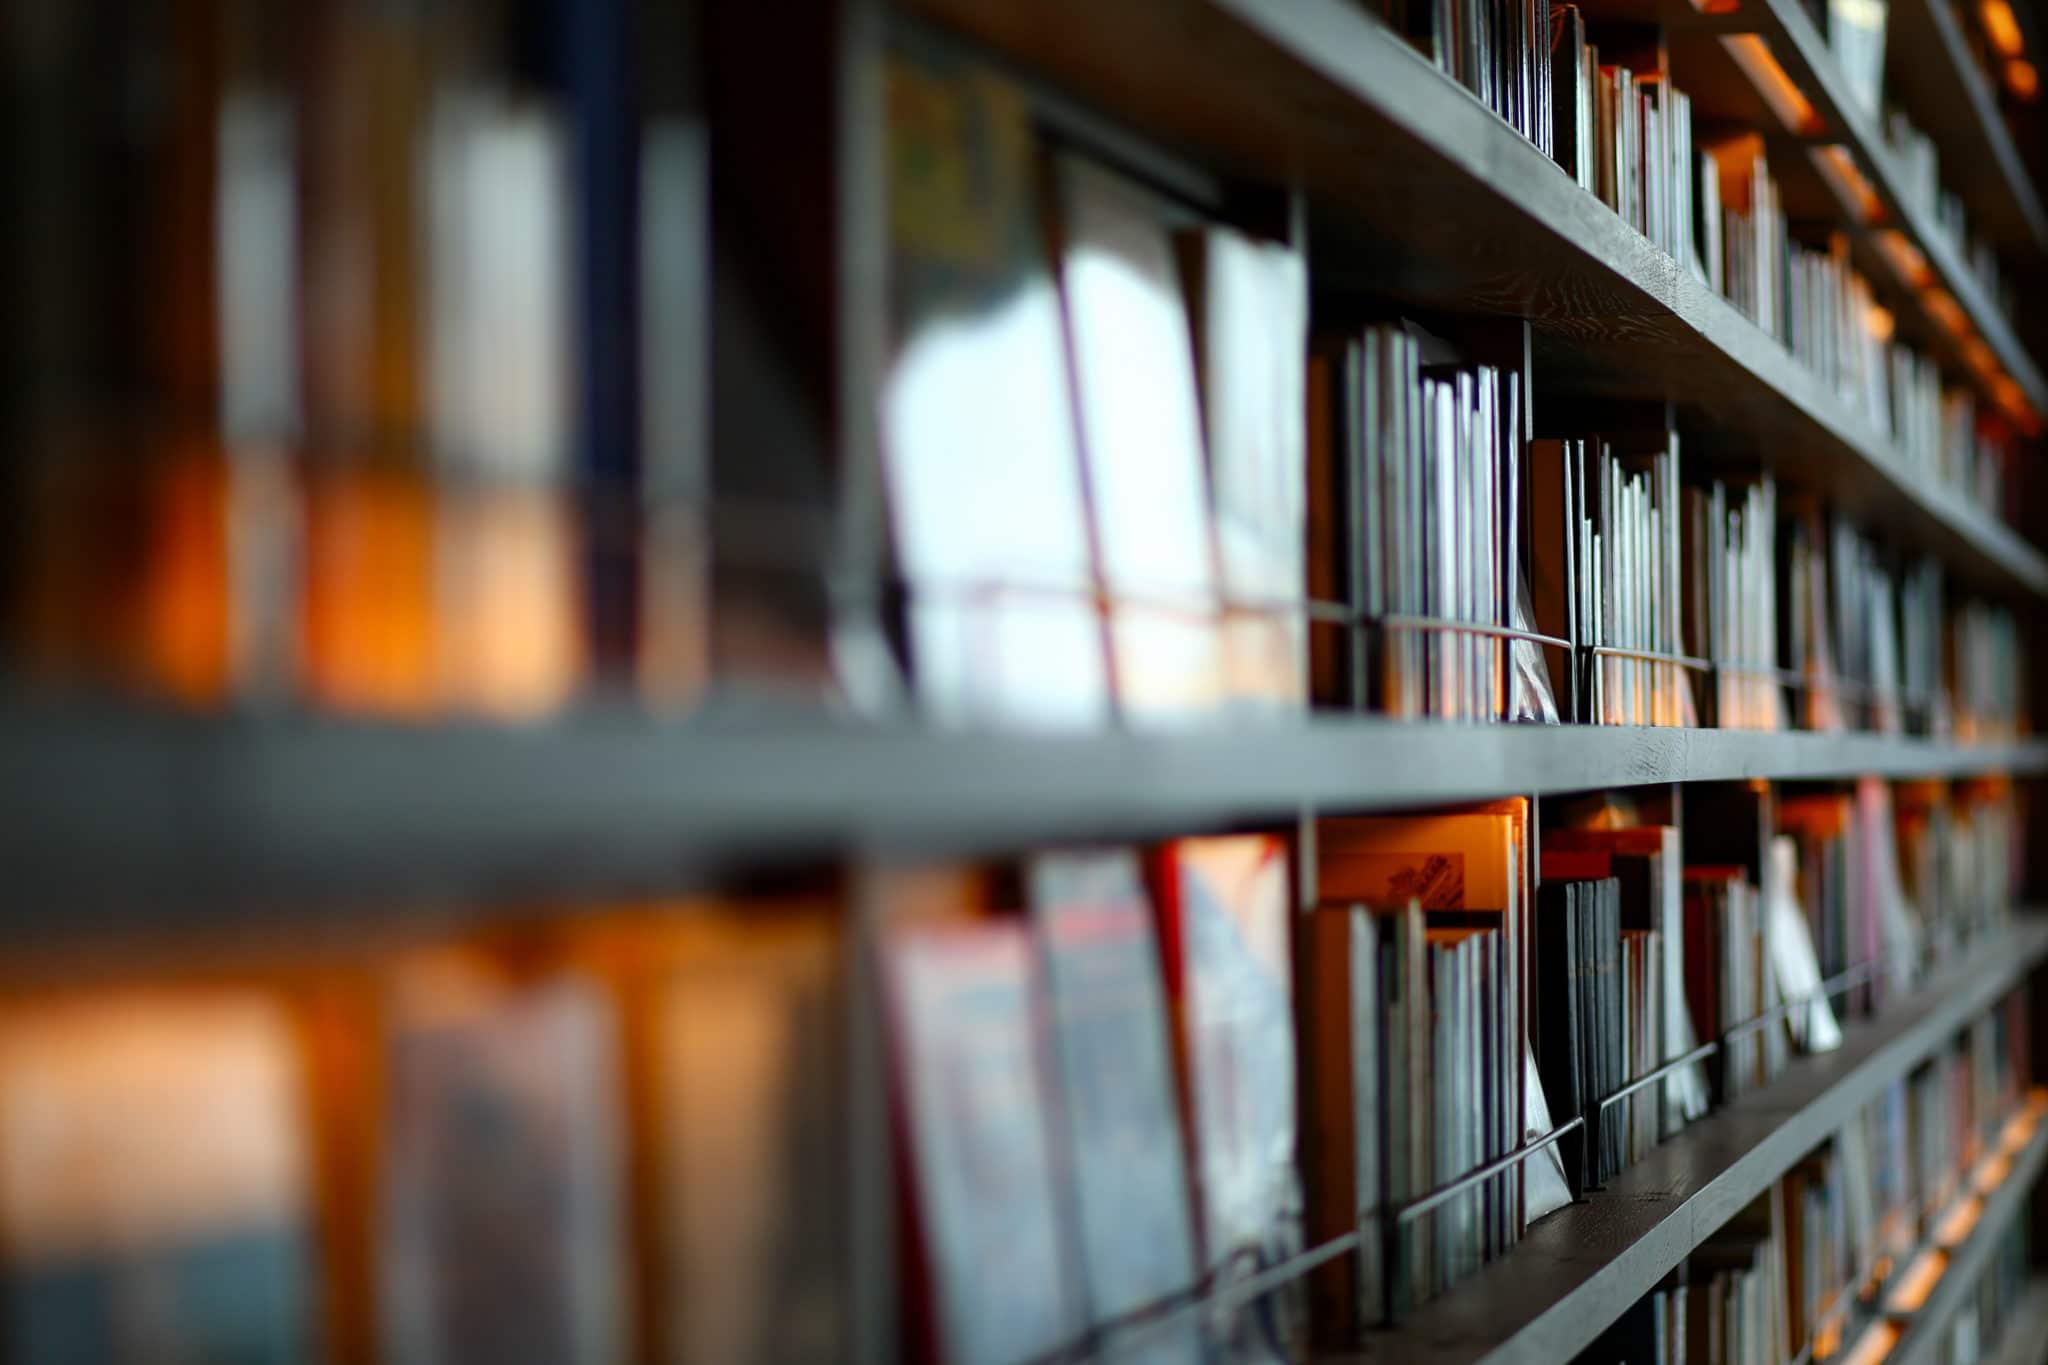 フィリピンの大学院の図書館